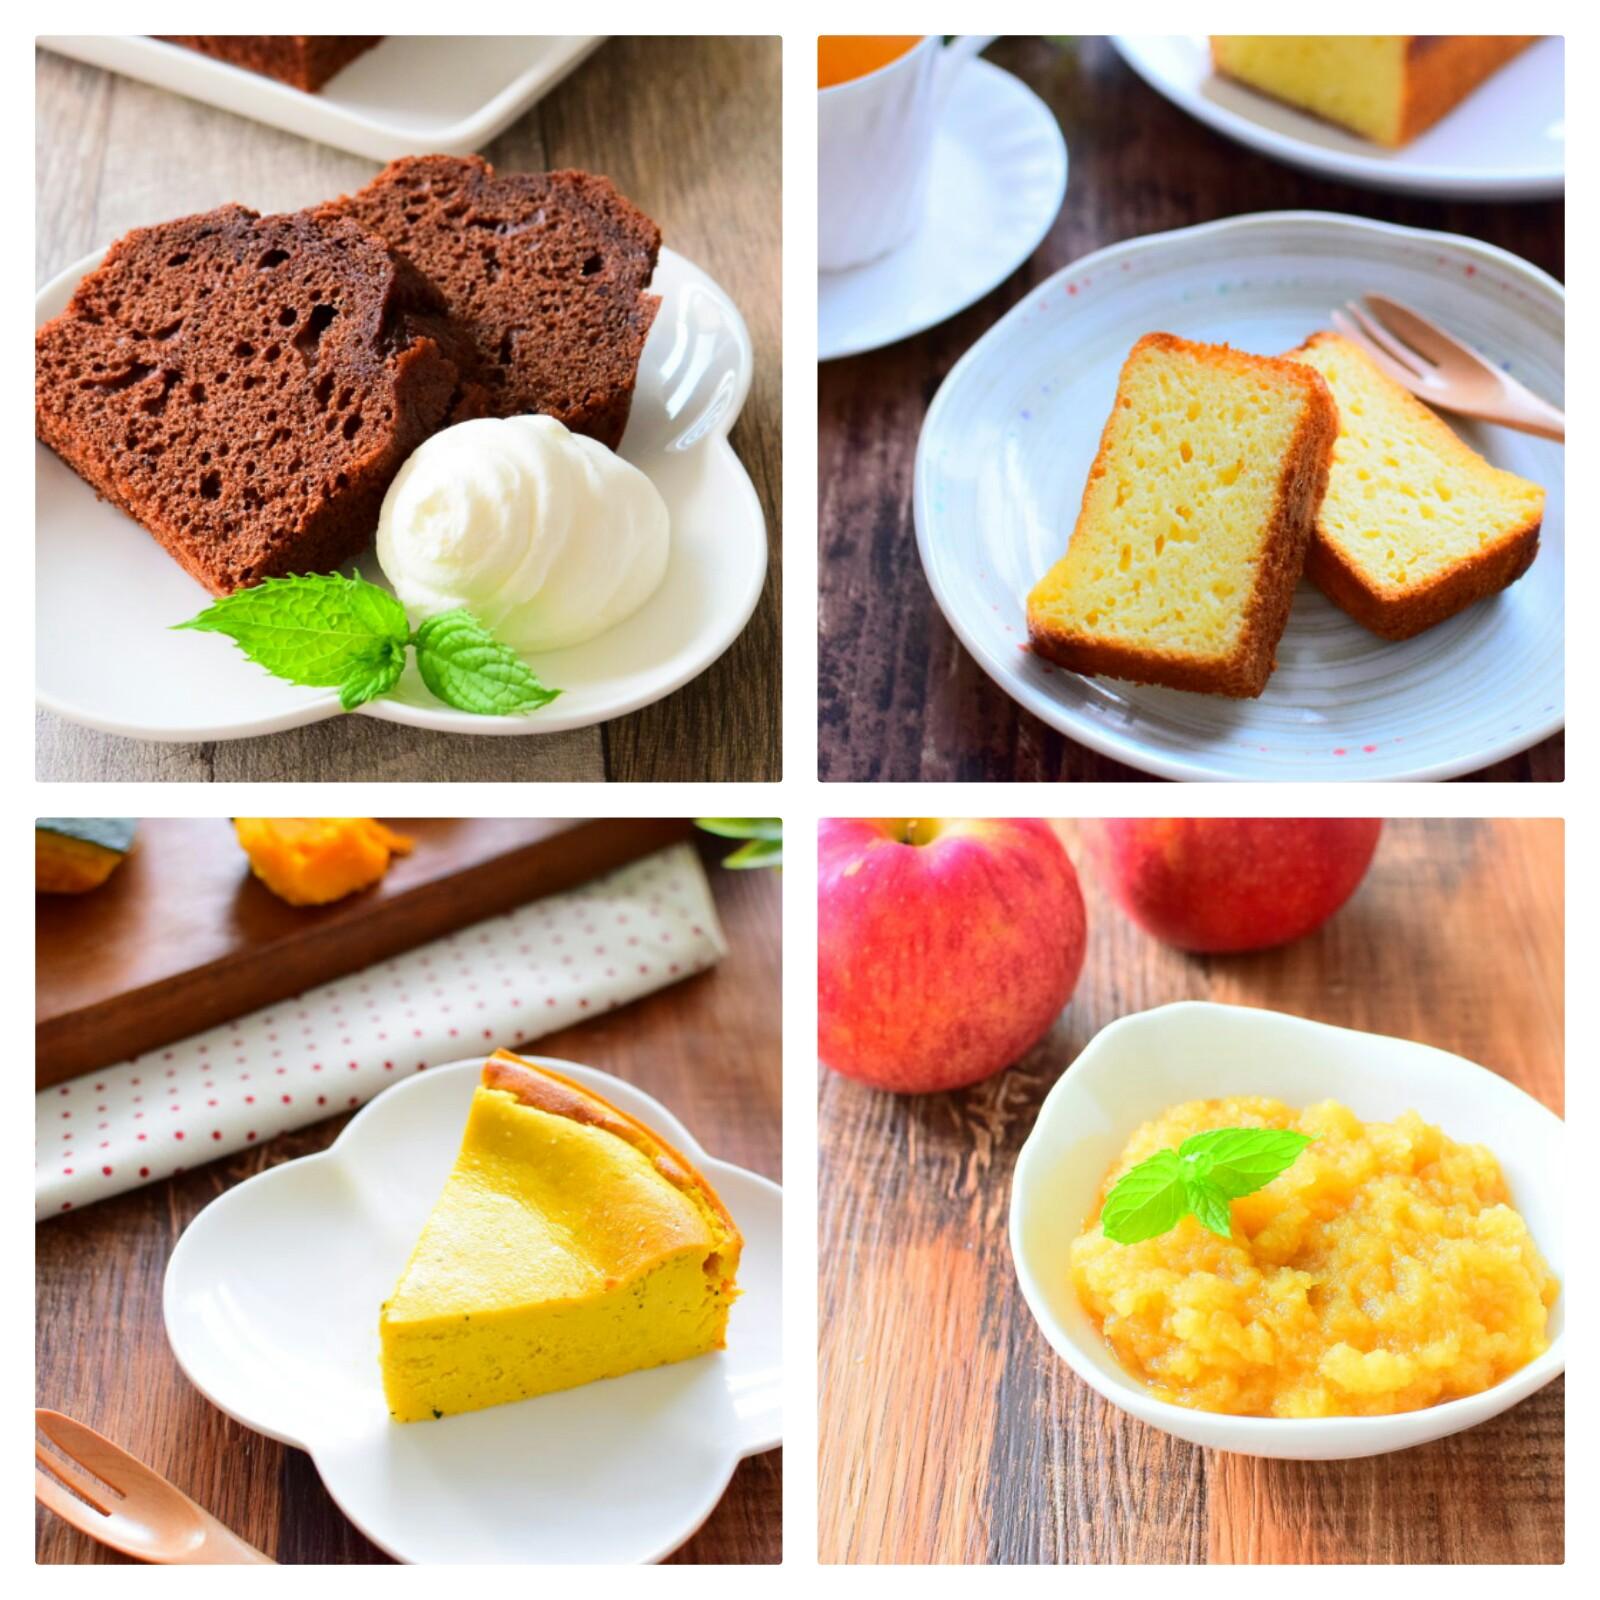 バターを使わないヘルシーな焼き菓子5選